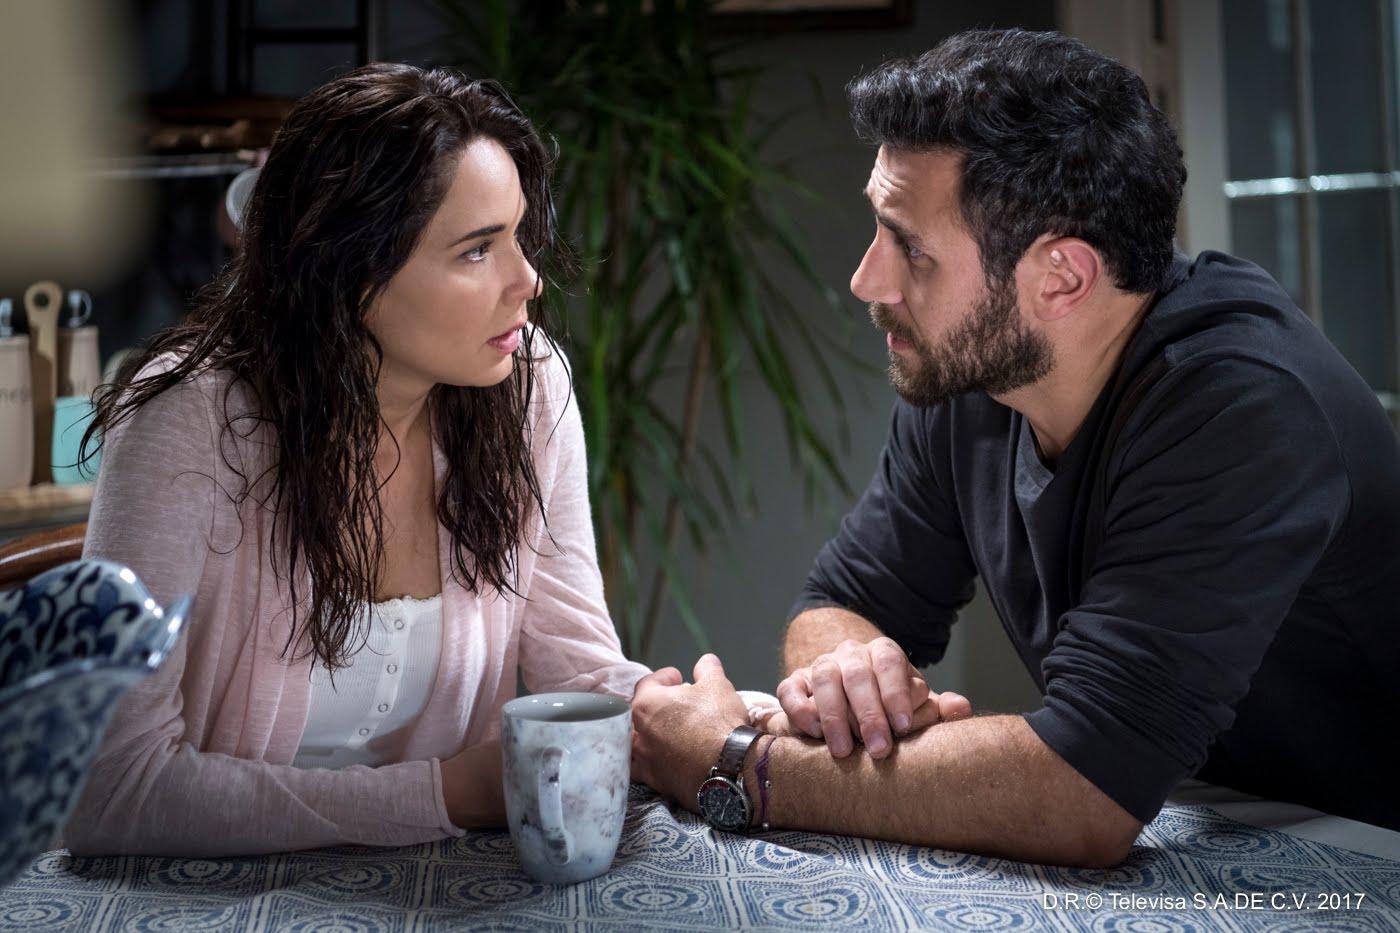 Personajes de la telenovela Caer en tentación - Más Telenovelas